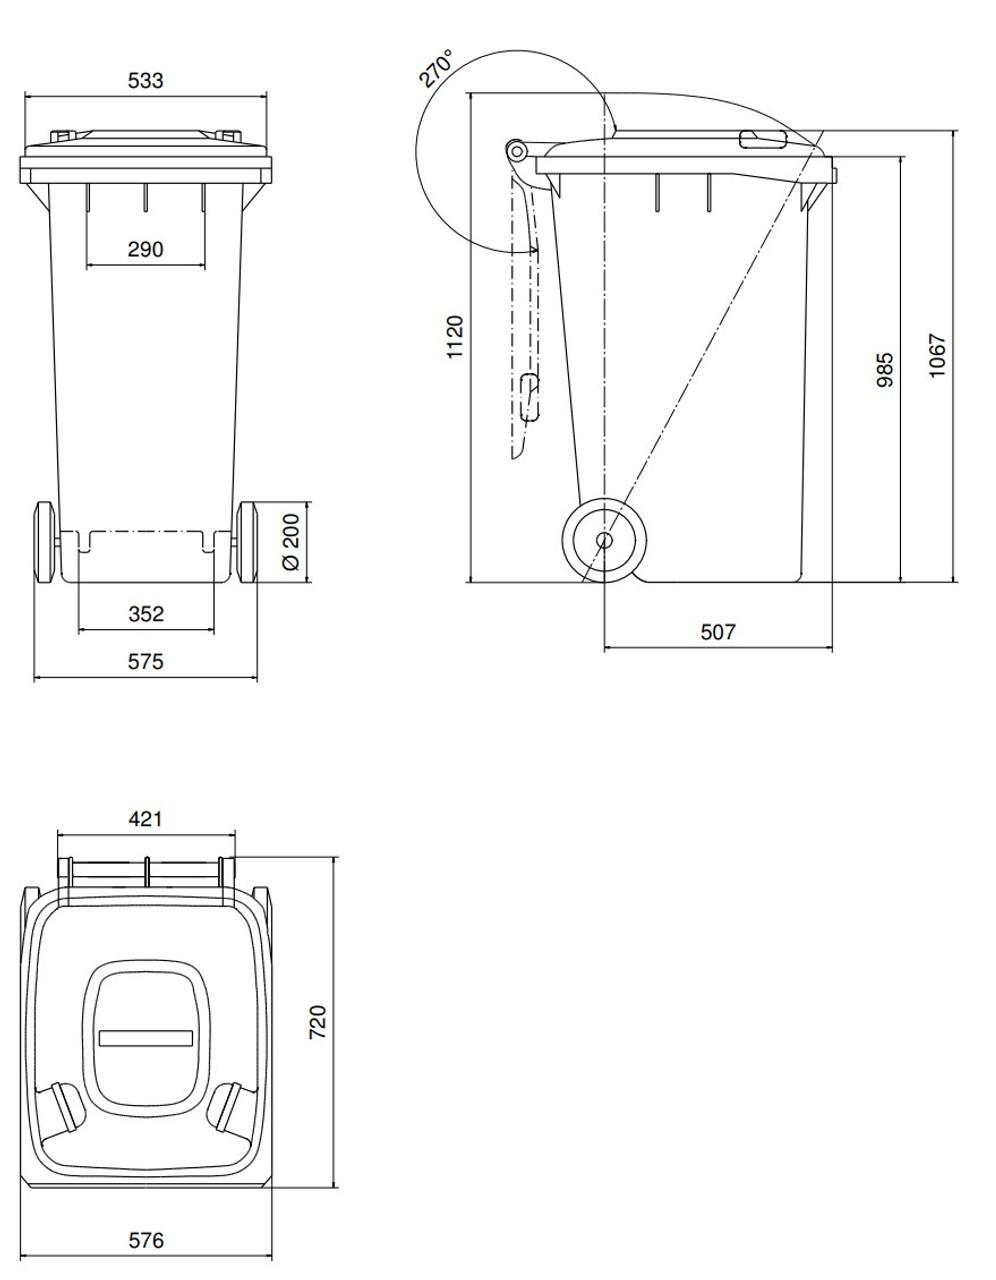 240 Litre Wheelie Bin Dimensions